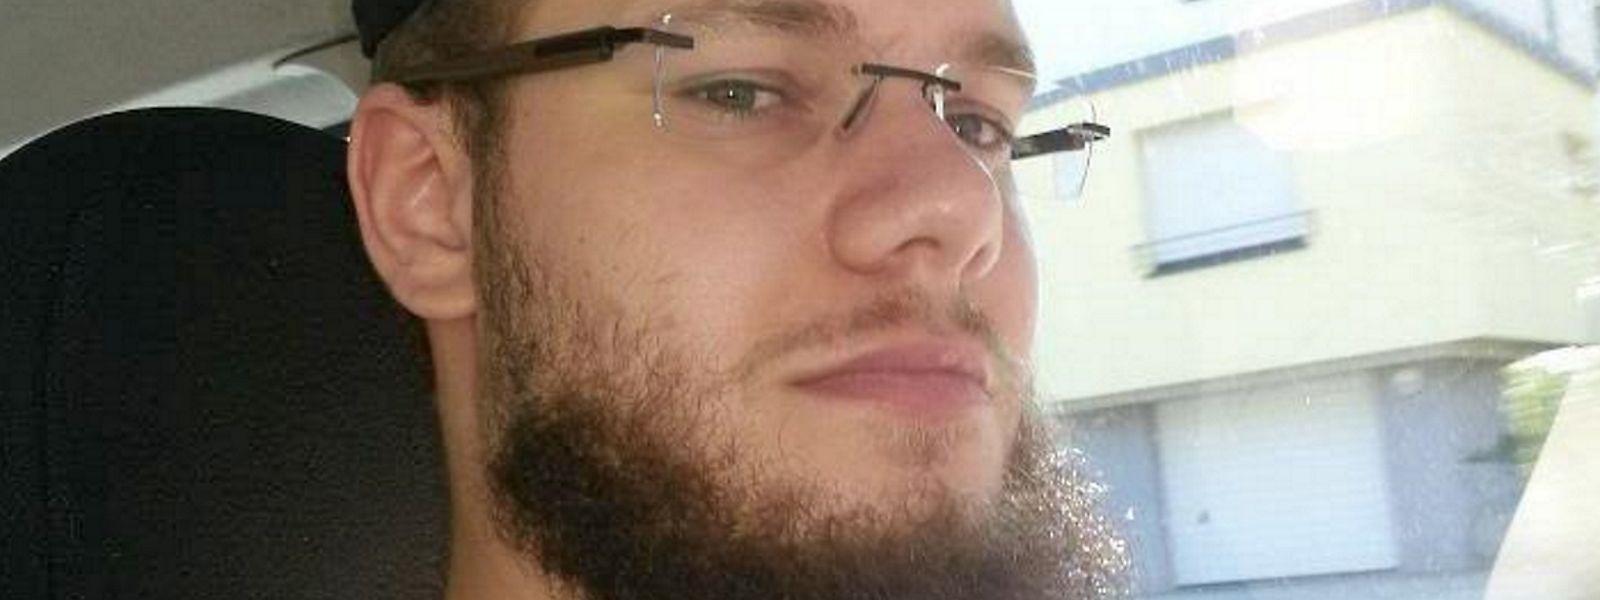 Der 27-jährige Duarte schloss sich 2014 der Terrormiliz Islamischer Staat an.